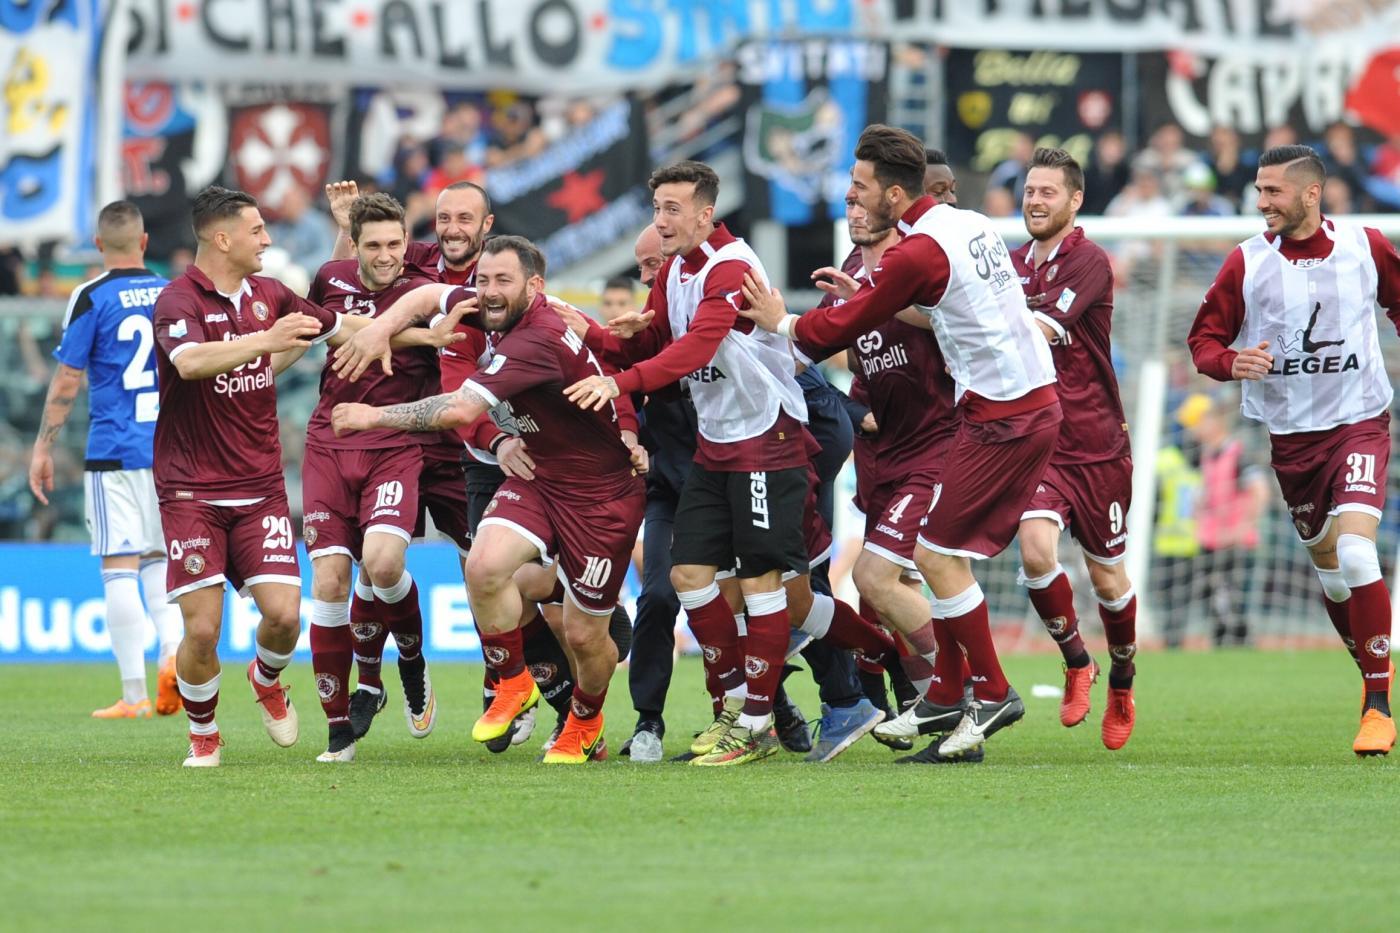 Arzachena-Livorno sabato 21 aprile, analisi e pronostico